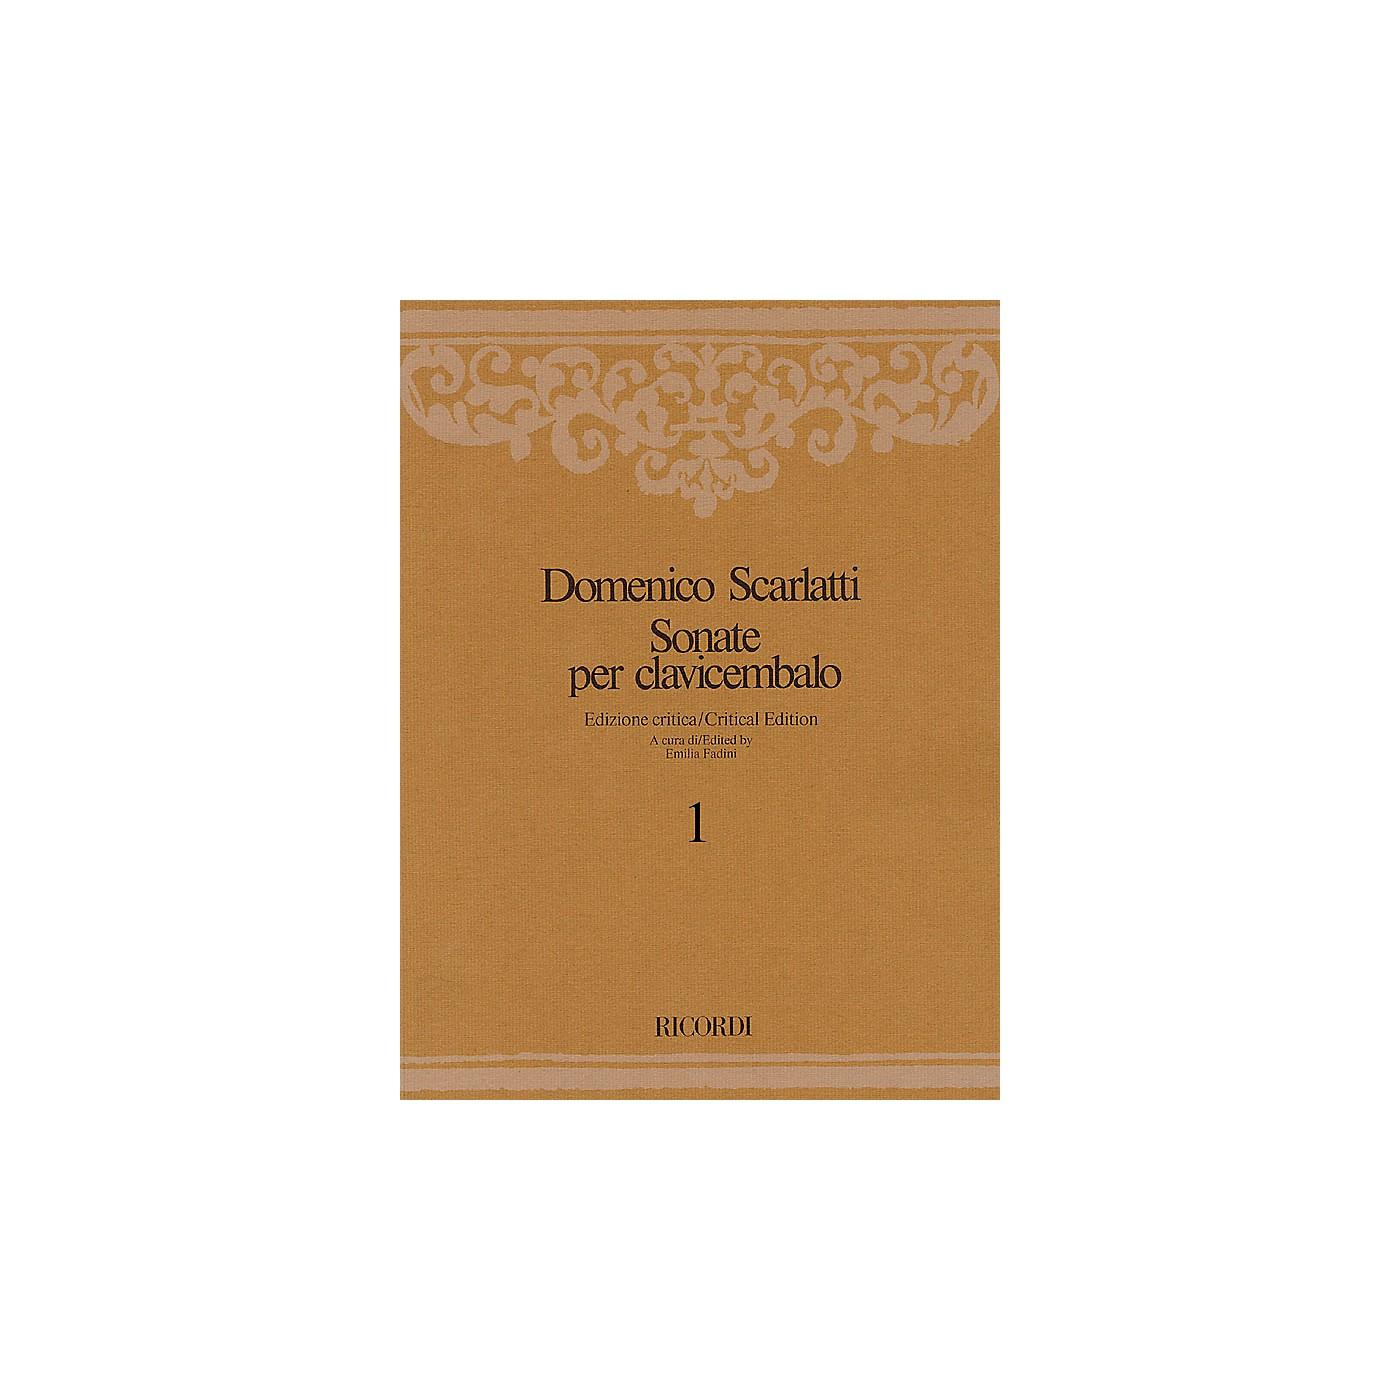 Ricordi Sonate per Clavicembalo Volume 6 Critical Edition Piano Collection by Scarlatti Edited by Emilia Fadini thumbnail